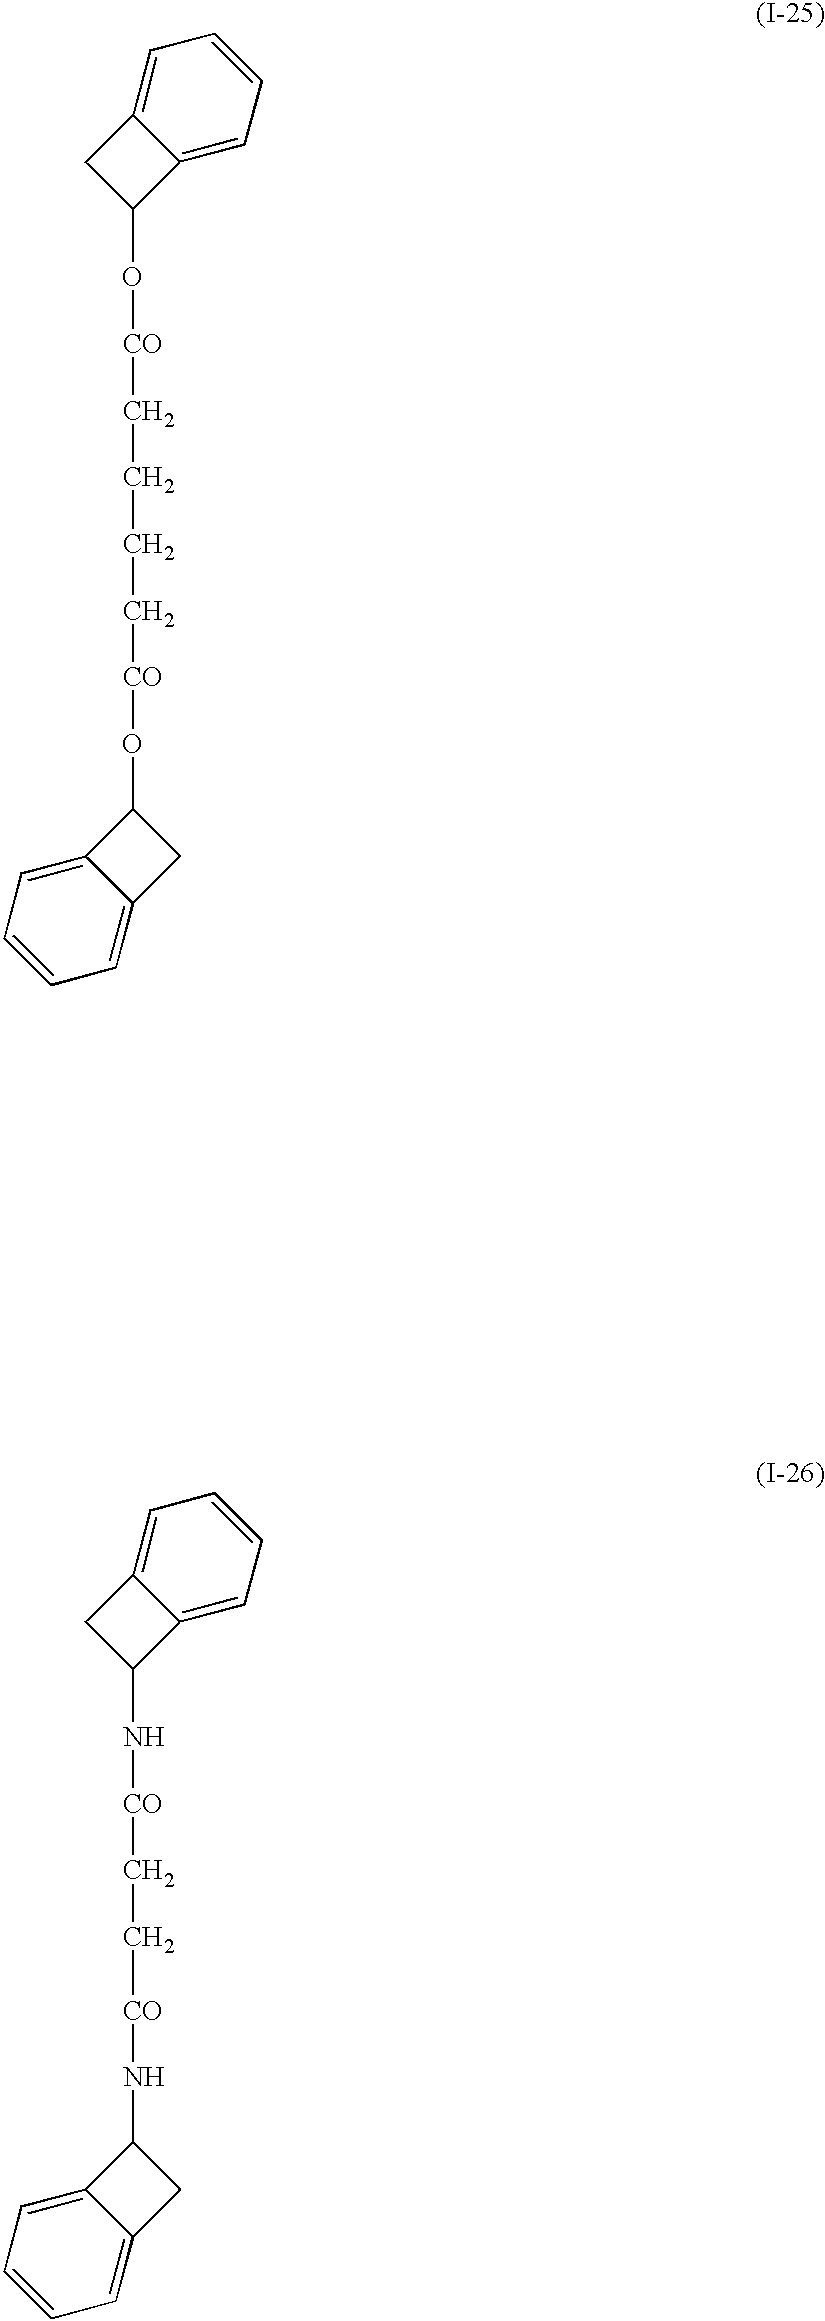 Figure US20030165778A1-20030904-C00018